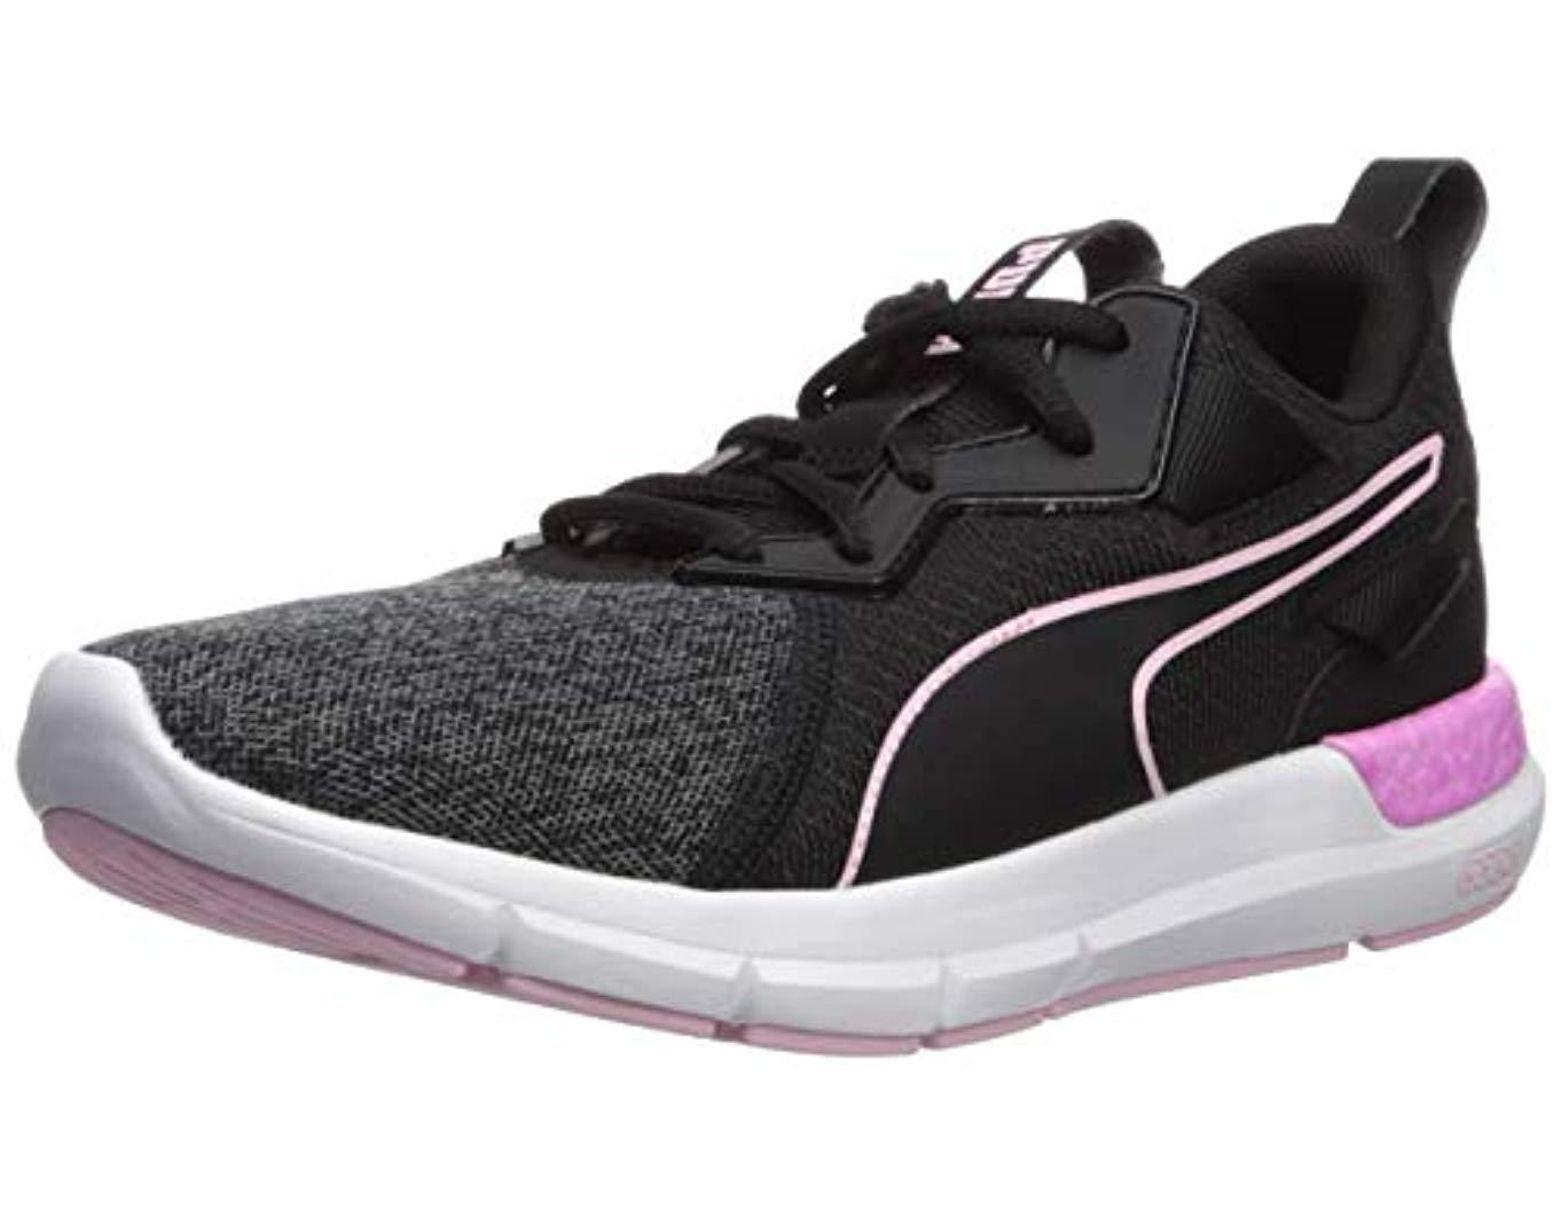 eecab1f360 PUMA Nrgy Dynamo Futuro Sneaker in Black - Lyst